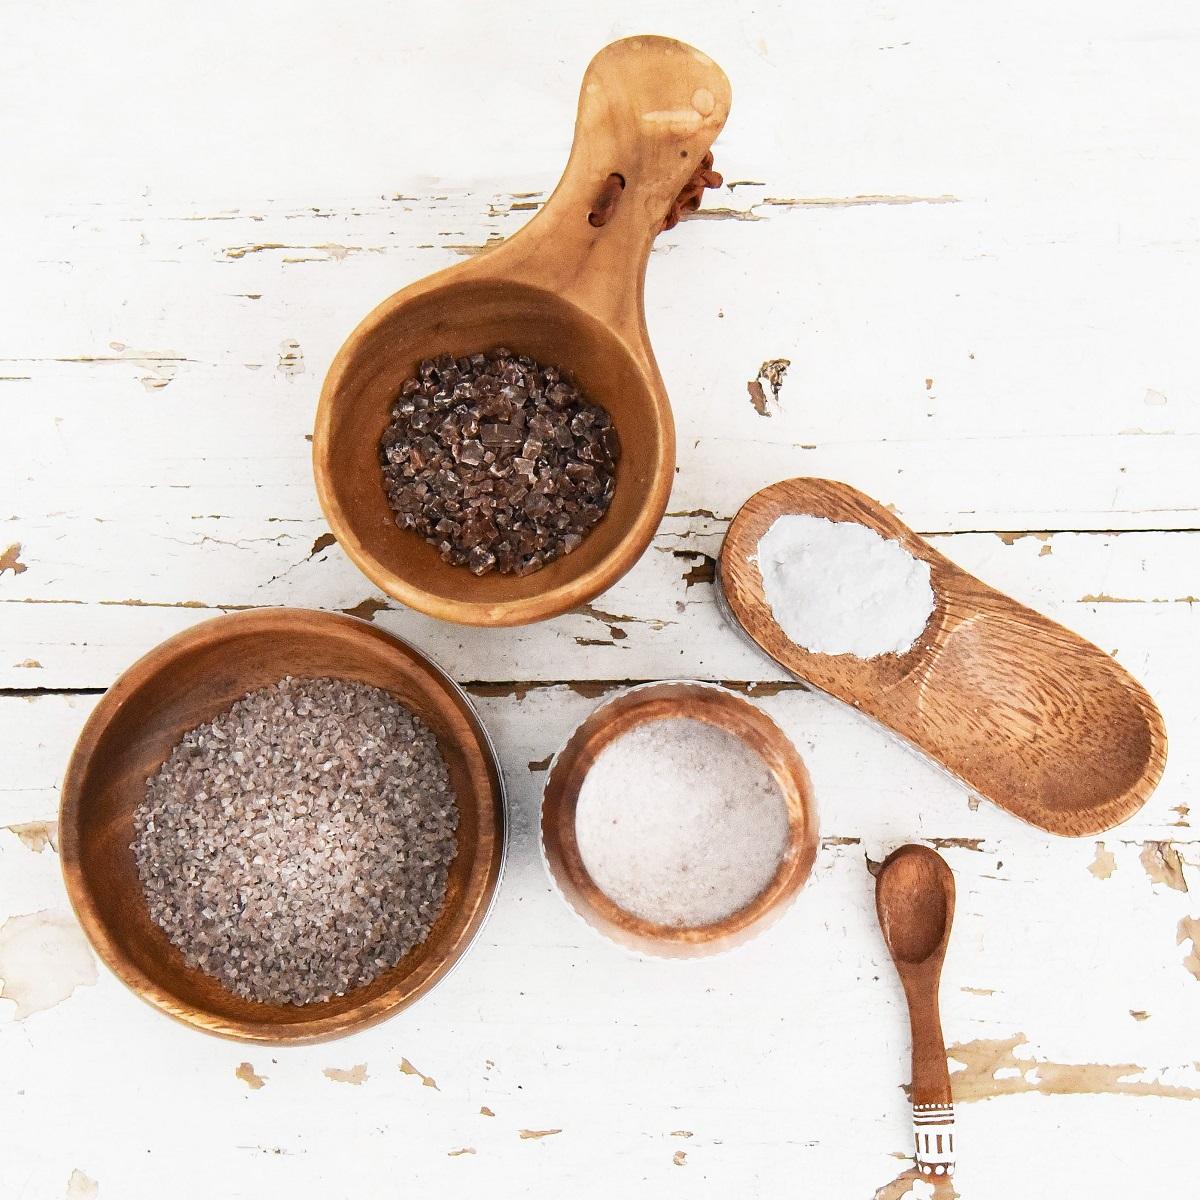 sel de bambou torréfié plusieurs fois comme complément alimentaire